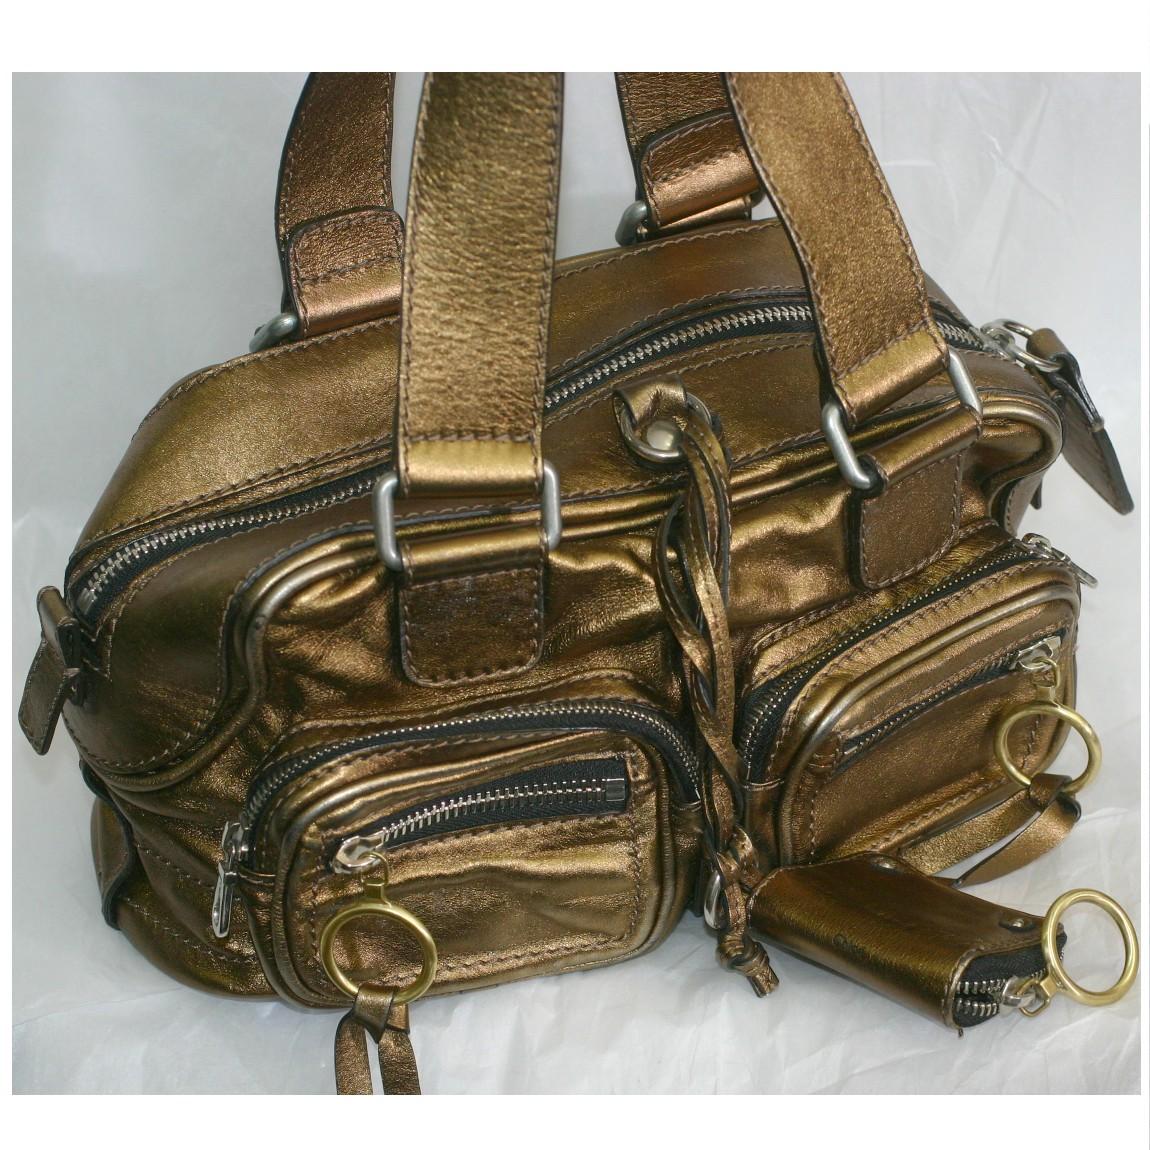 【中古】本物綺麗クロエの女性用金色革素材収納スペースの多いボストンバッグベティ サイズW30H14D16cm